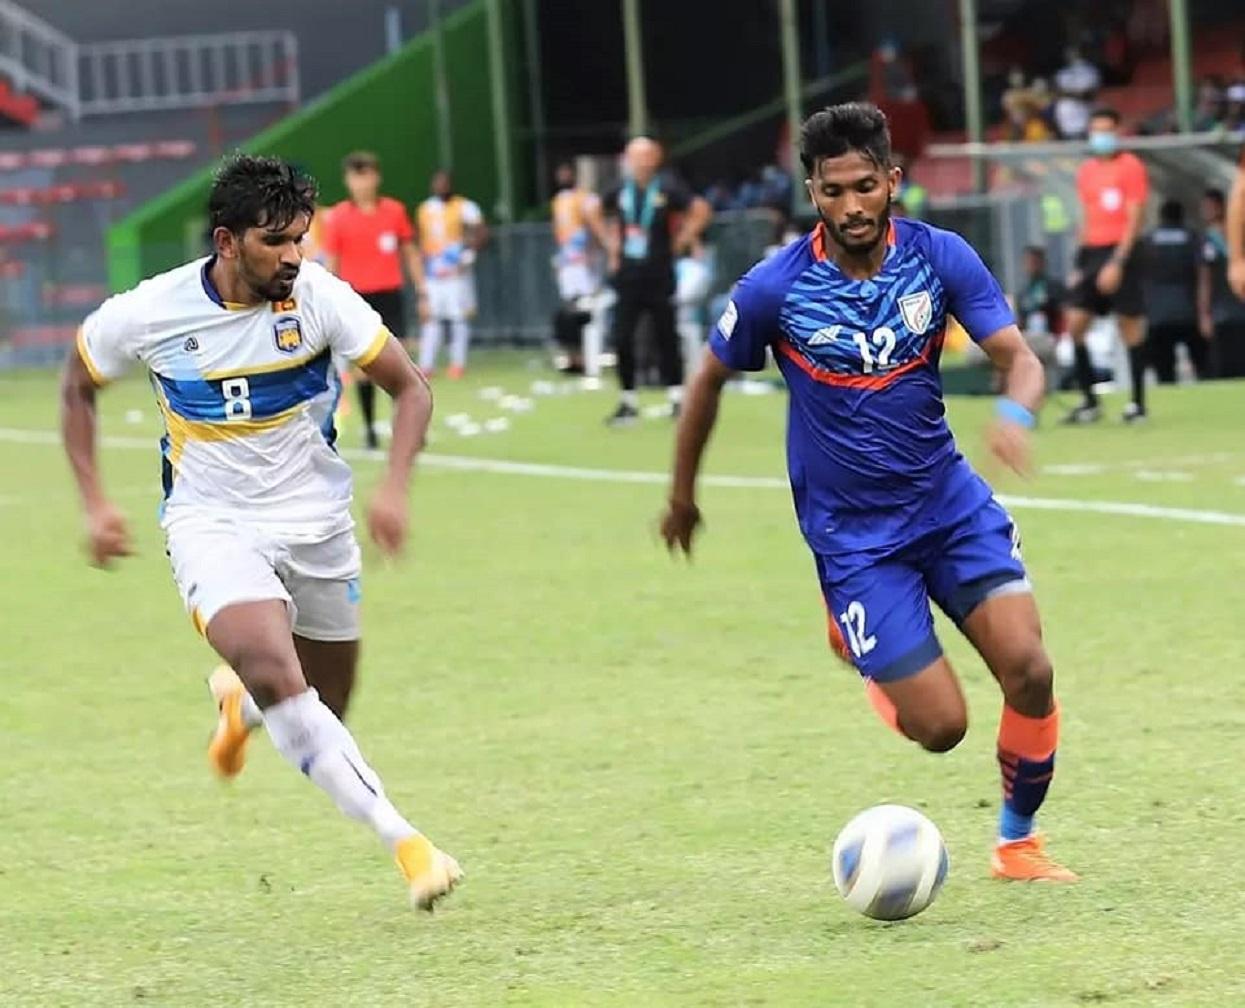 भारत-श्रीलंकाको खेल बराबरी, नेपाललाई फाइदा